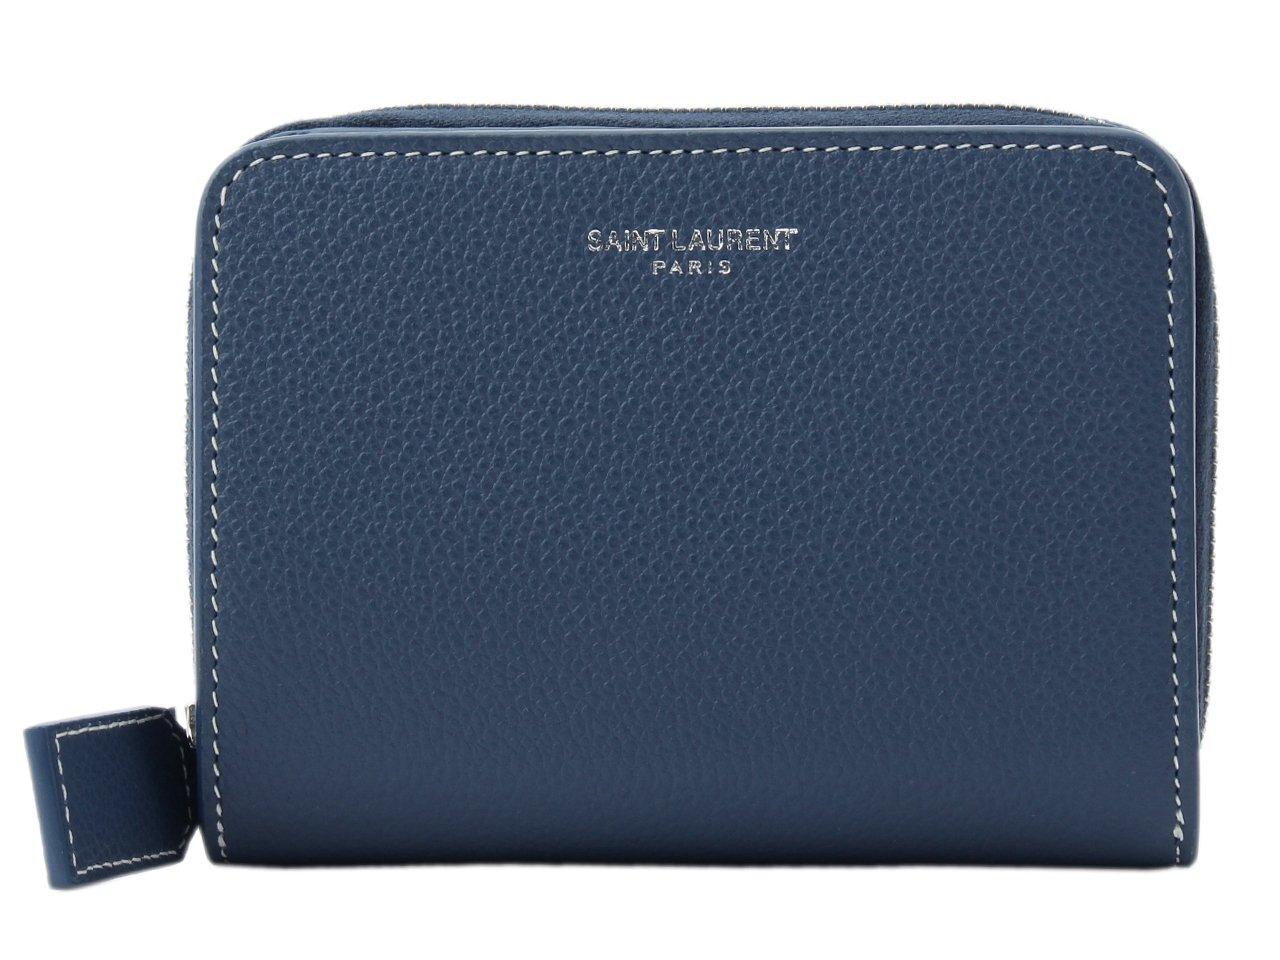 (サンローラン) SAINT LAURENT 財布 二つ折り ラウンドファスナー レザー 414661 [並行輸入品] B07B9VHW1H Denim Denim